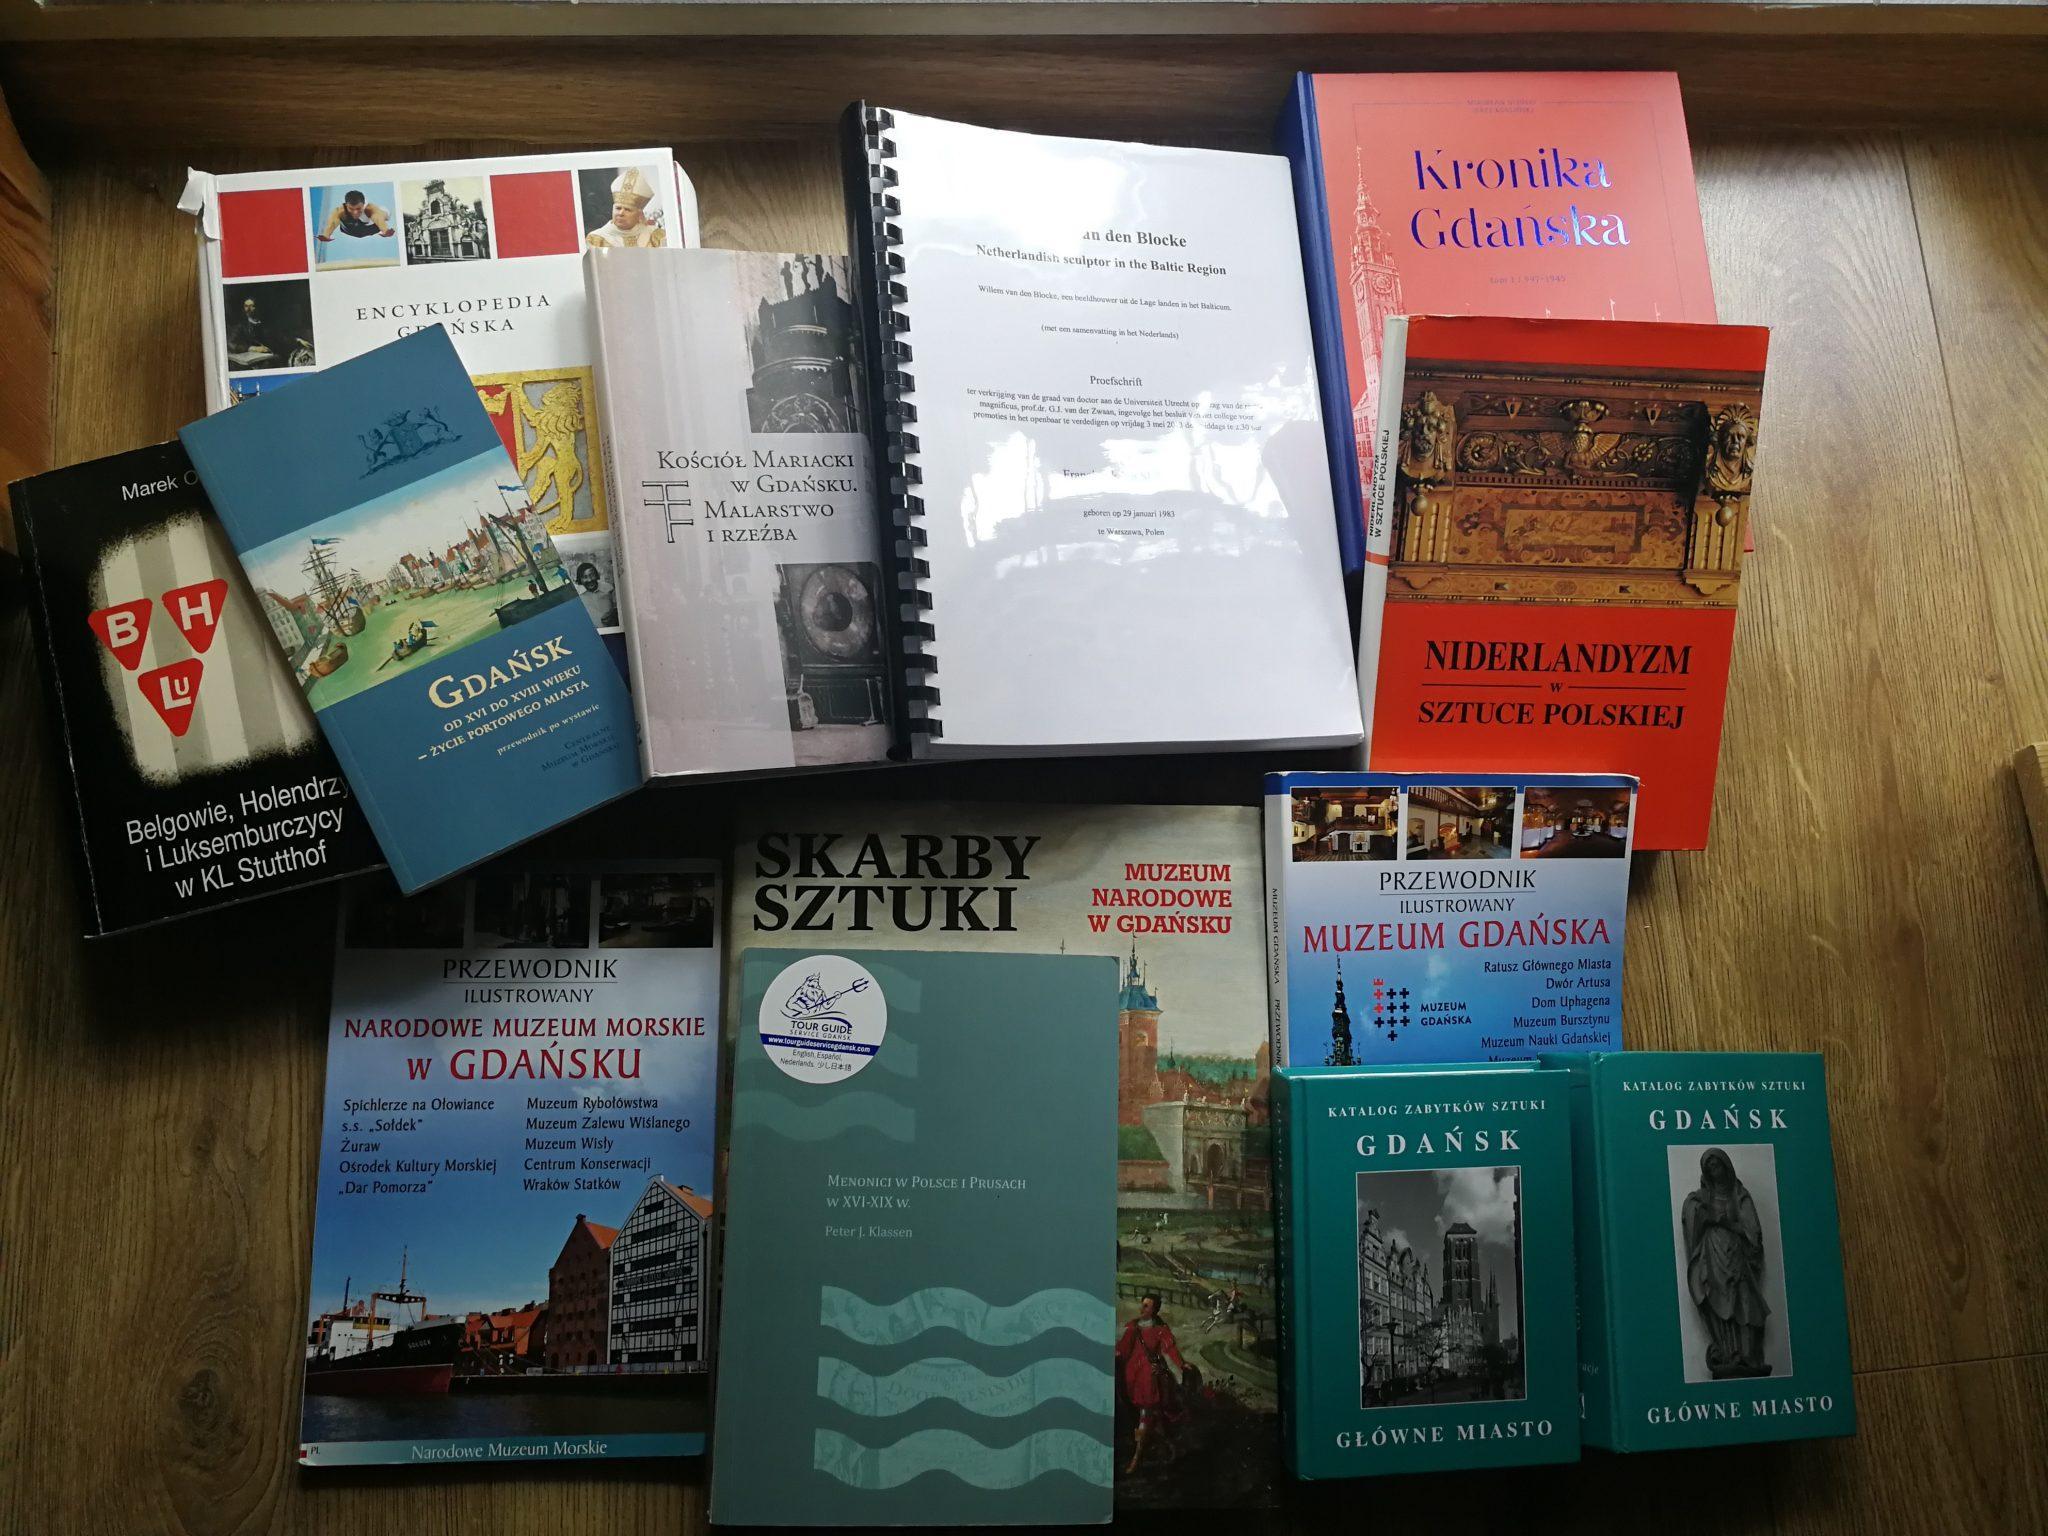 Niderlandyzm-w-Gdańsku-bibliografia